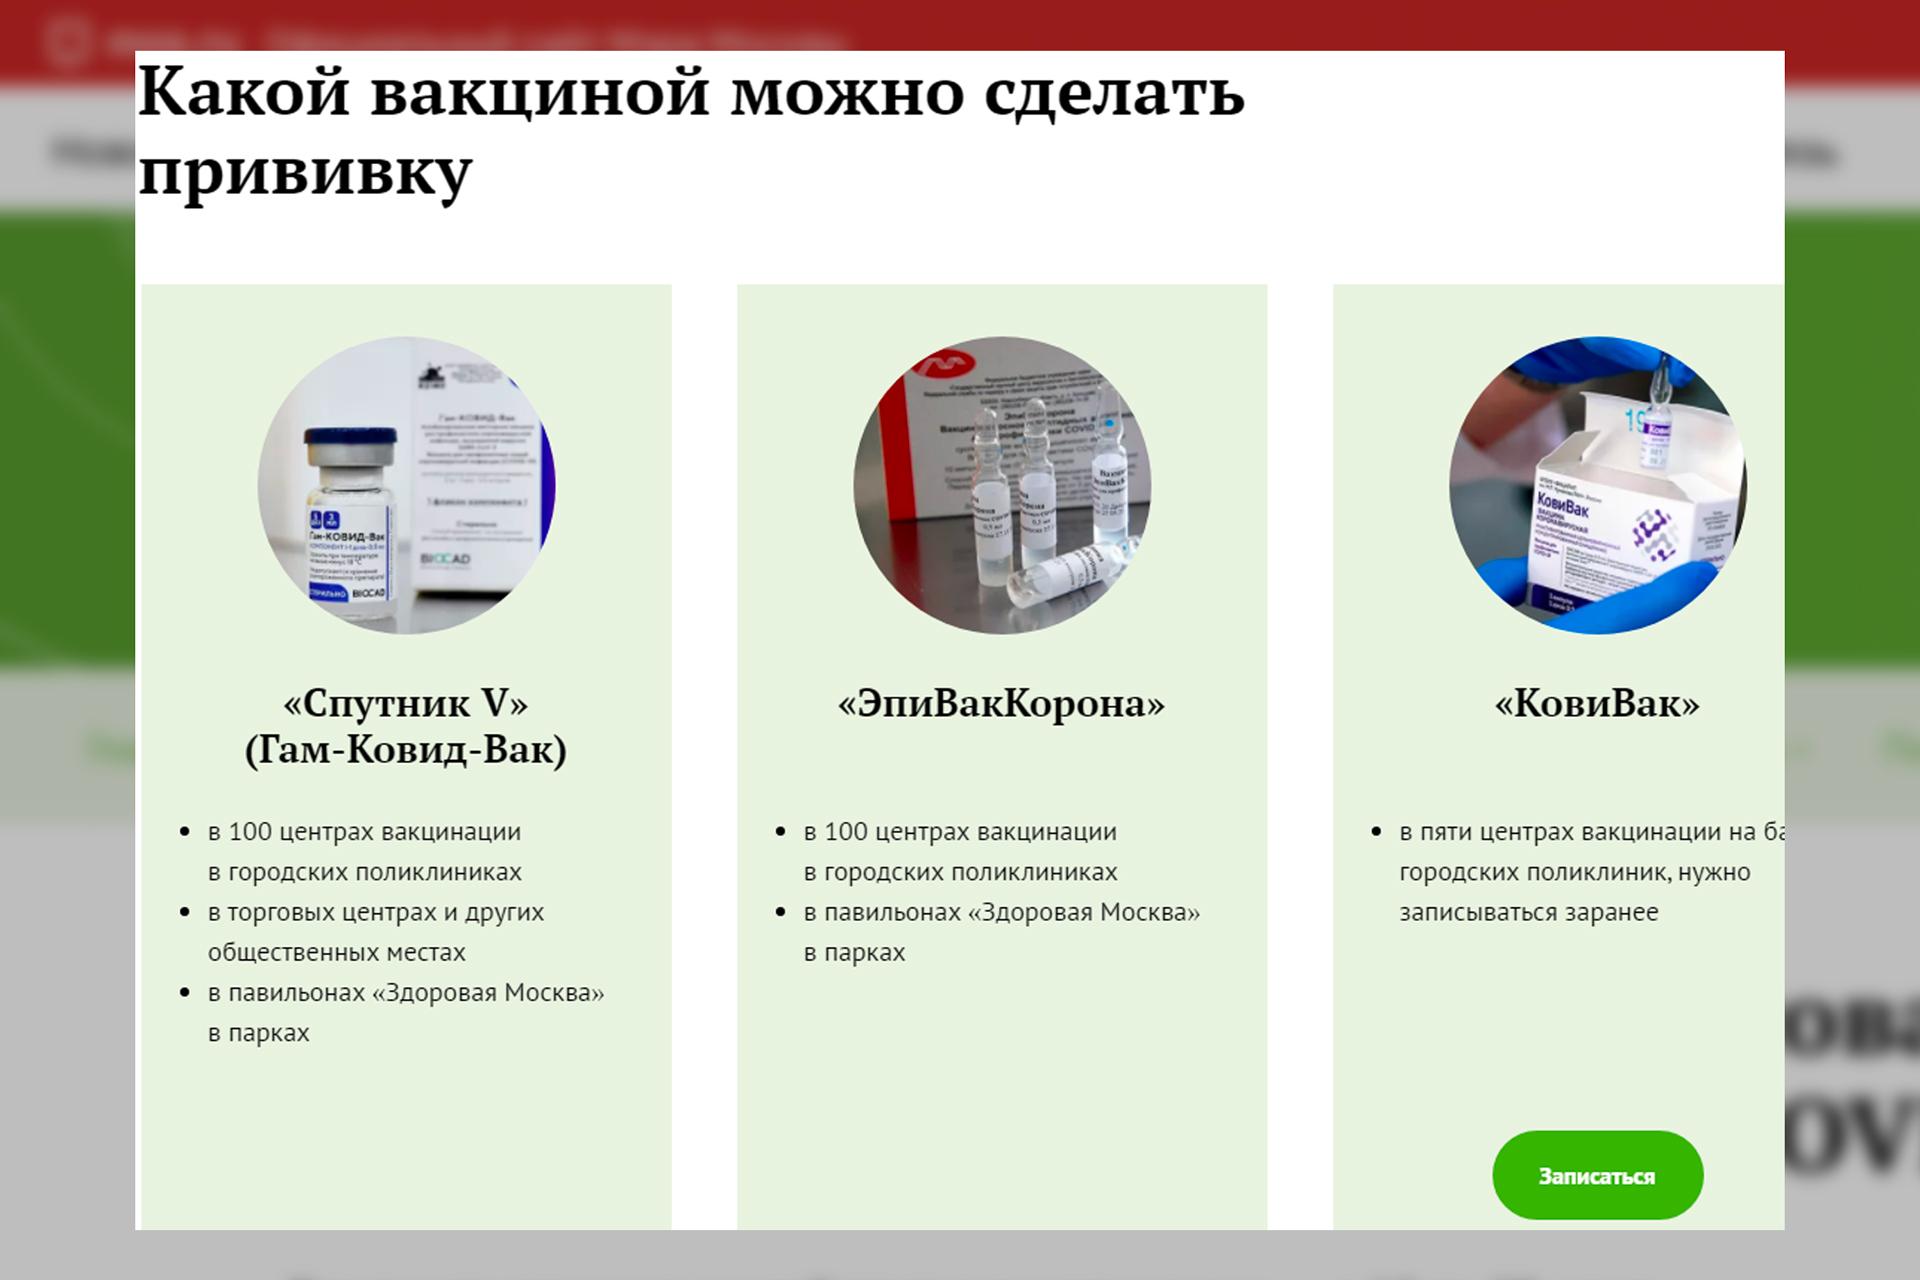 Как получить бесплатную вакцину. © mos.ru